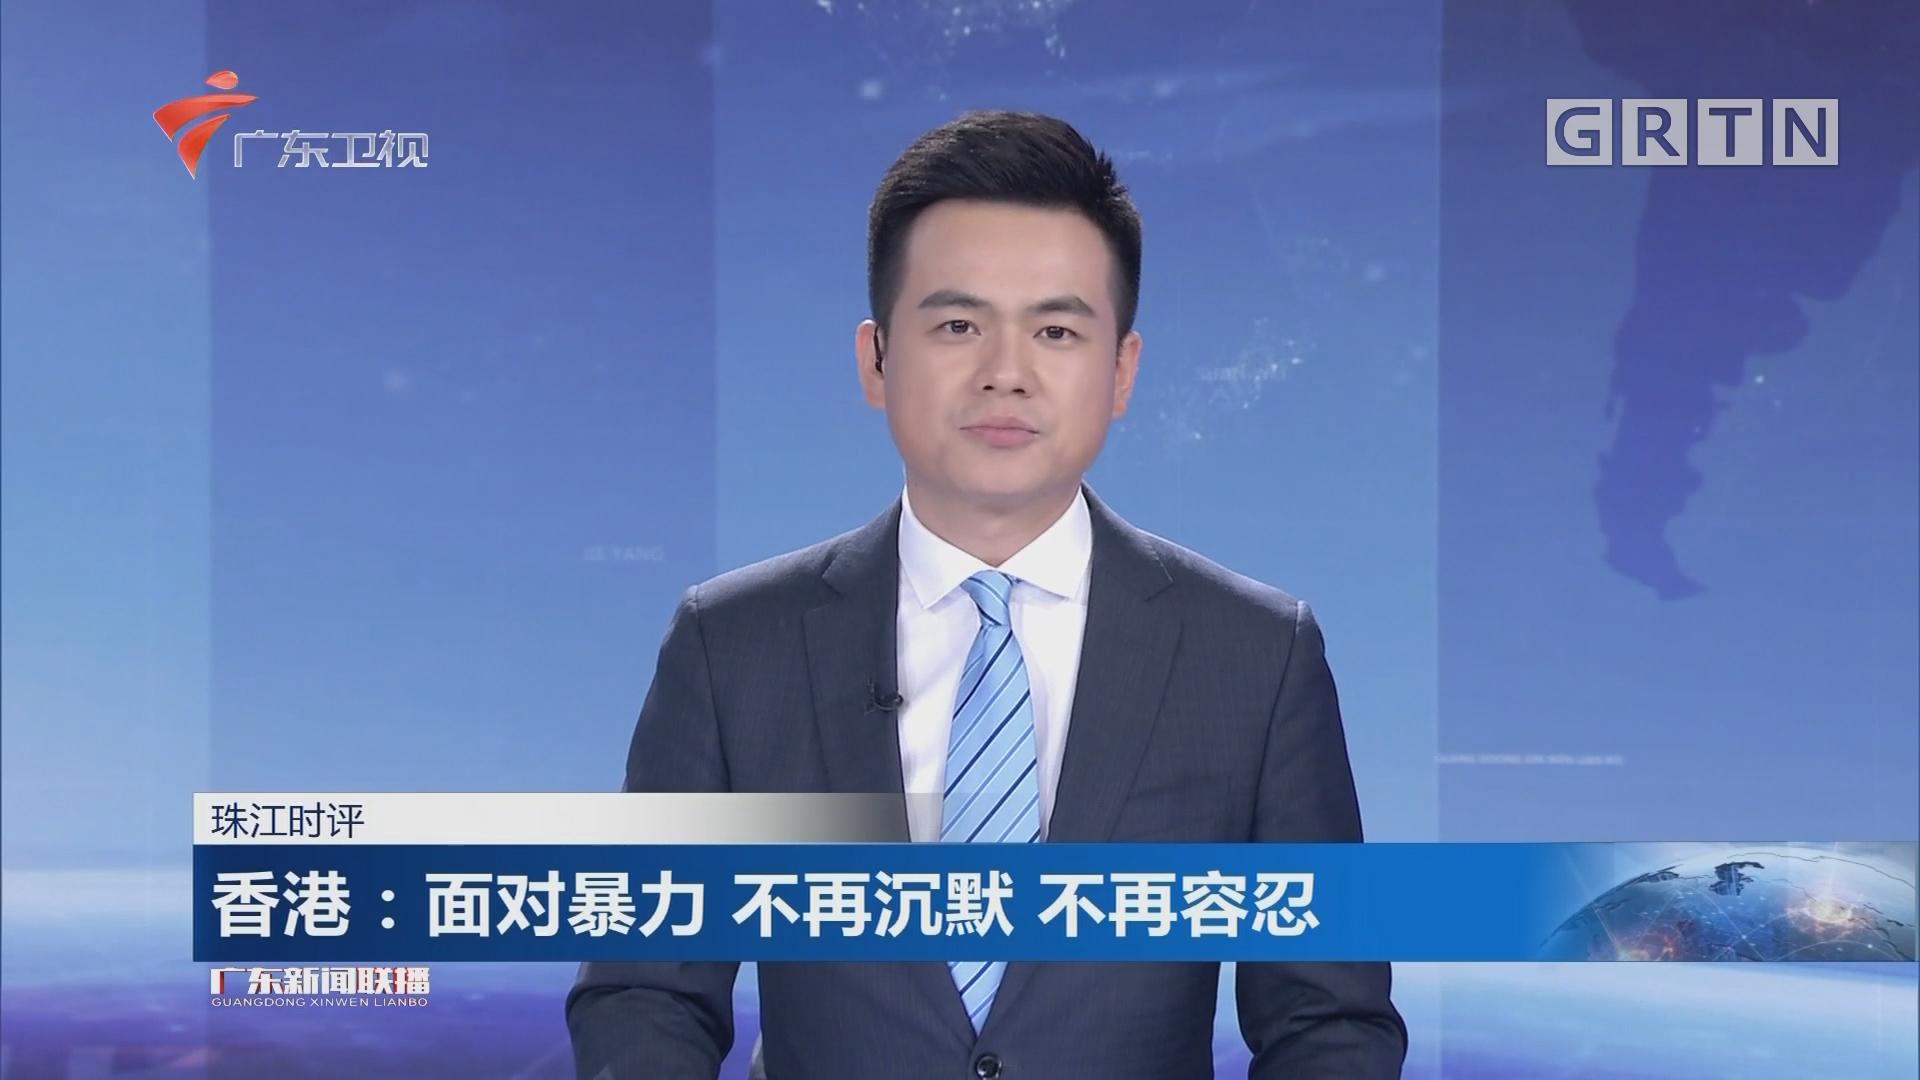 珠江时评 香港:面对暴力 不再沉默 不再容忍